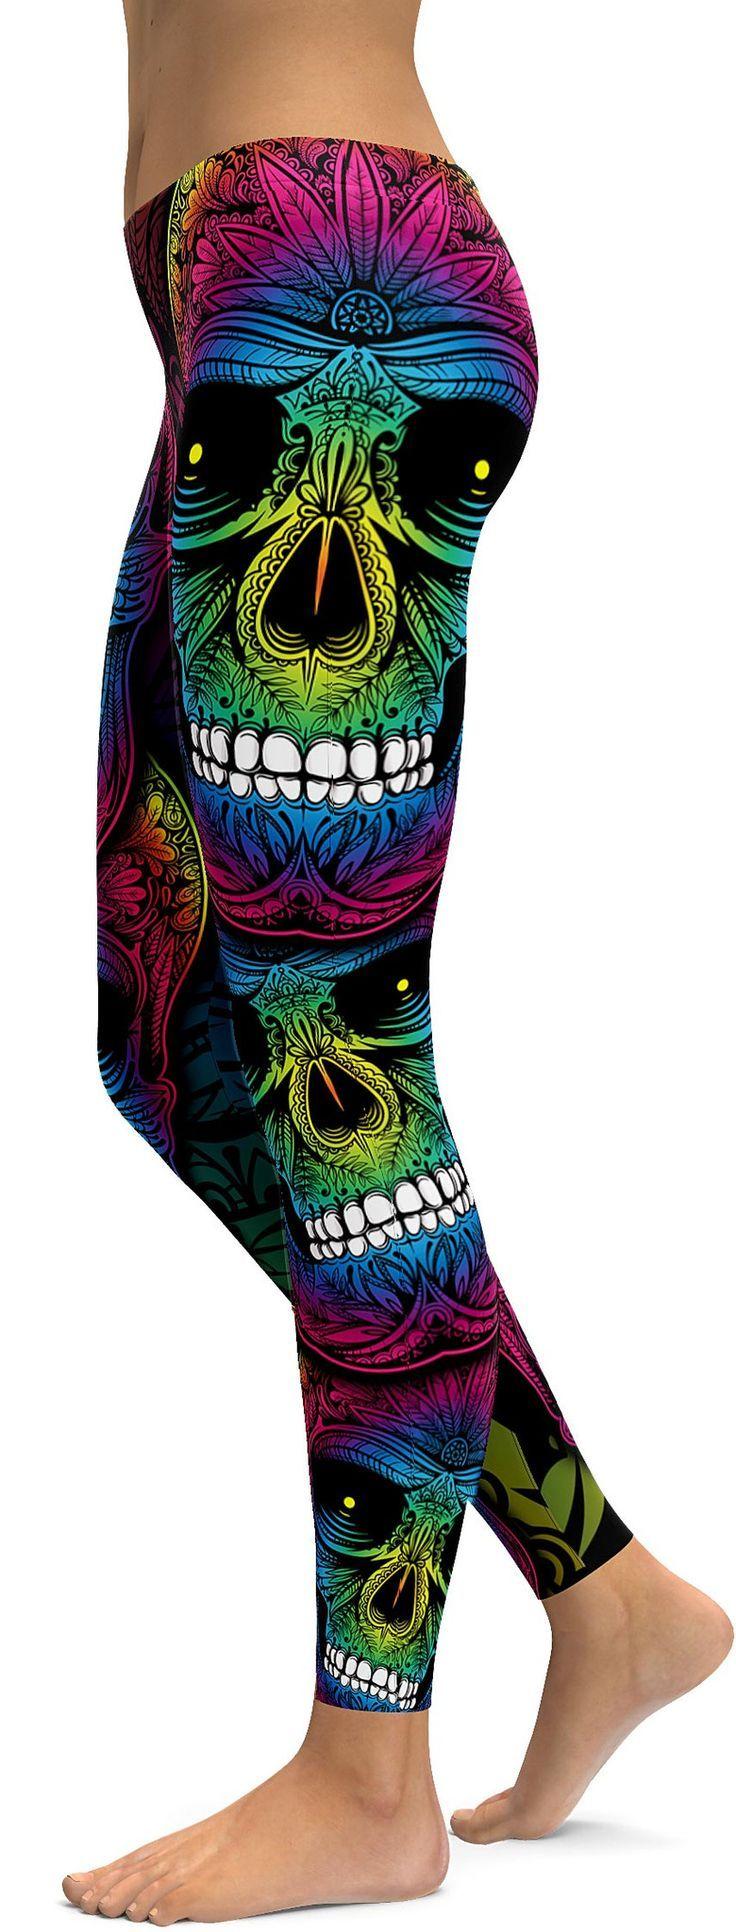 Rainbow Skull Leggings (scheduled via http://www.tailwindapp.com?utm_source=pinterest&utm_medium=twpin&utm_content=post160577719&utm_campaign=scheduler_attribution)